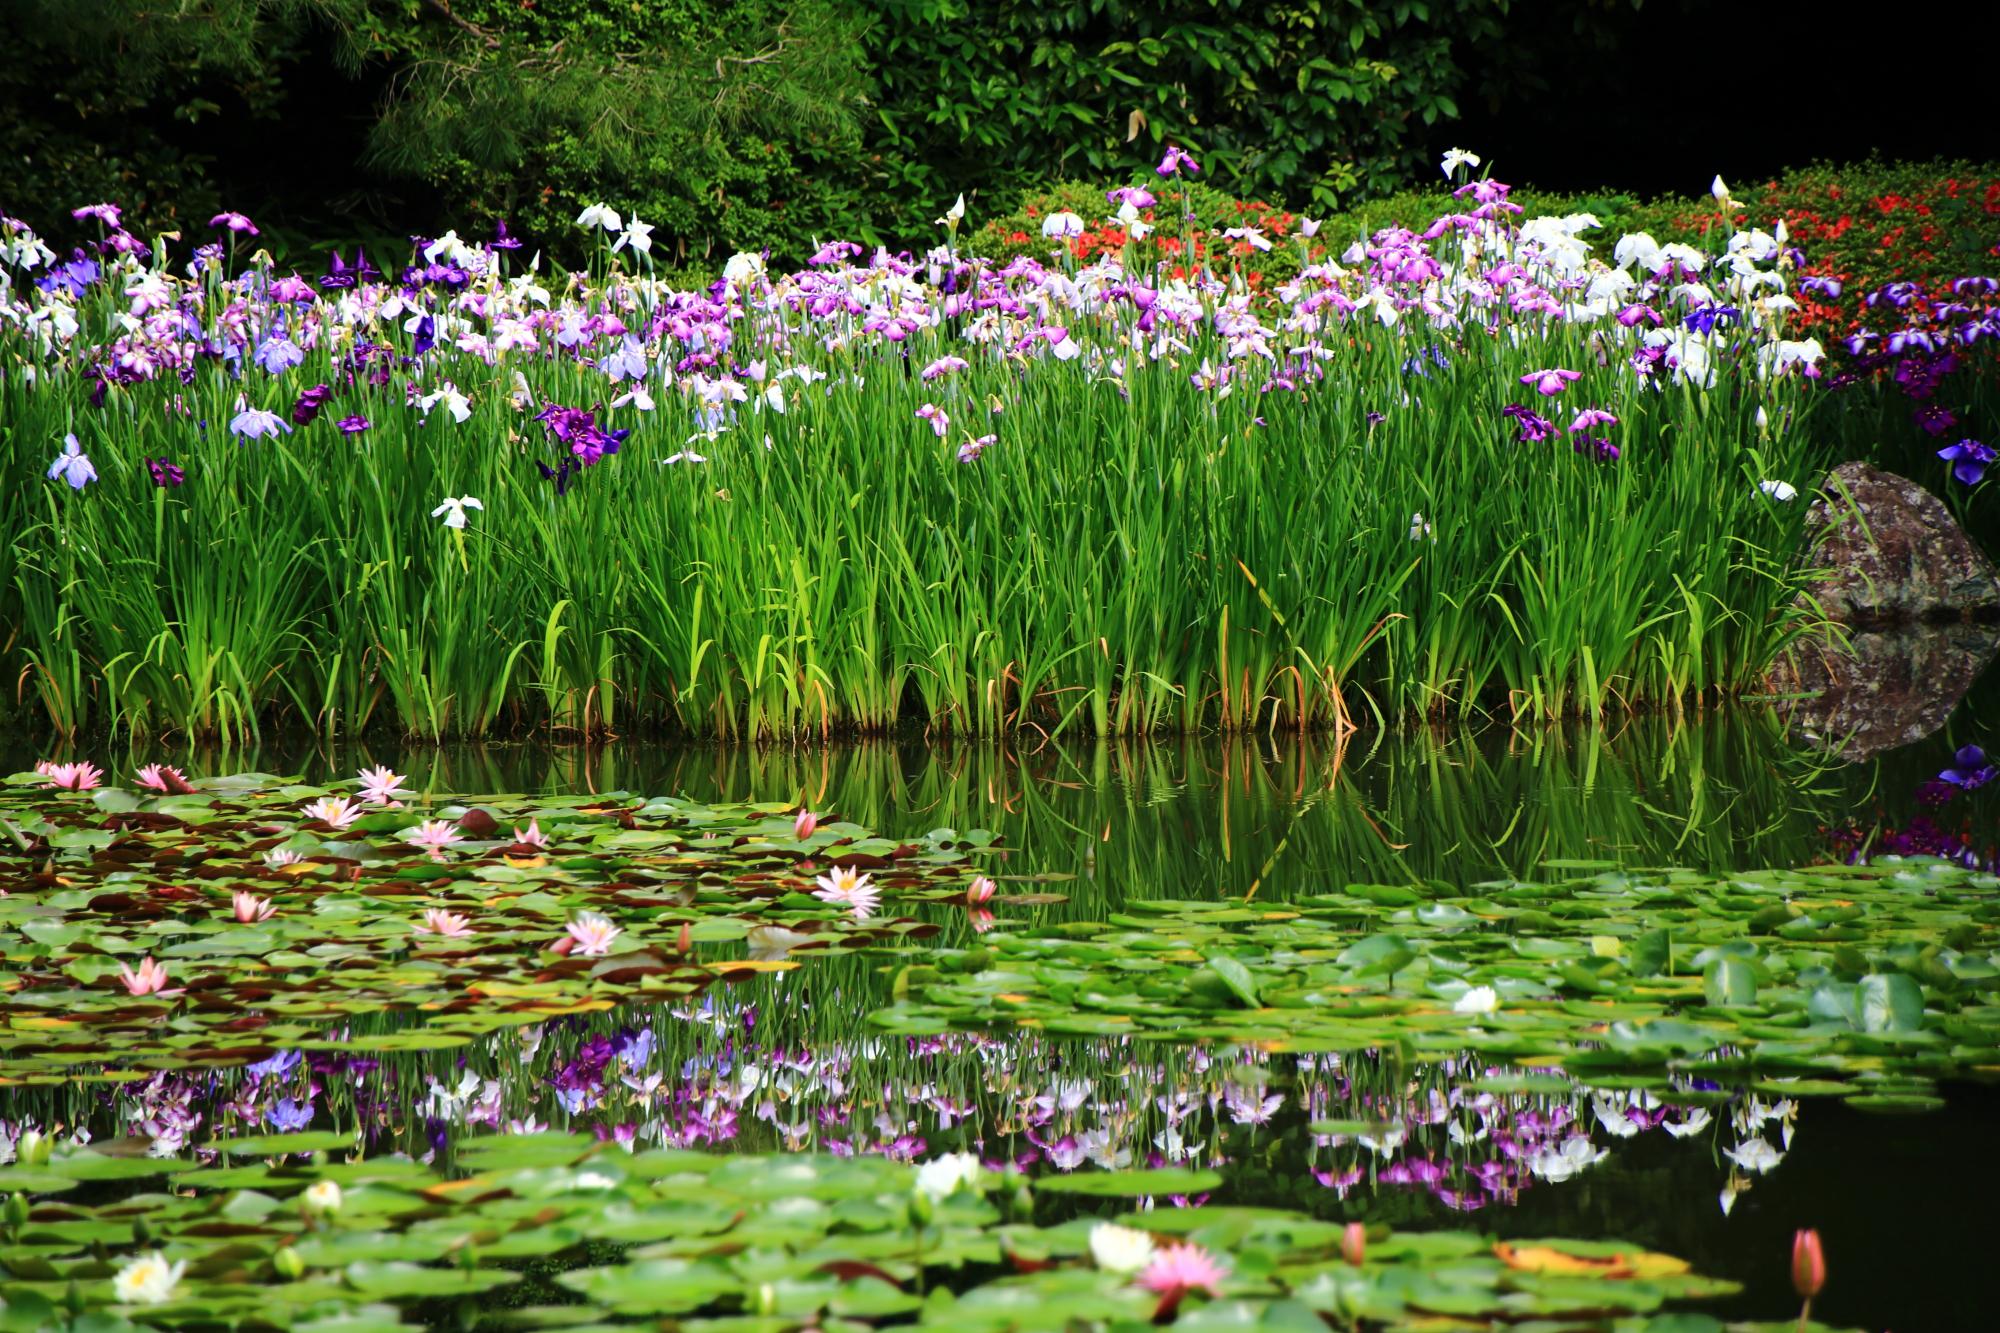 睡蓮の間に映りこむ綺麗な花菖蒲の水鏡